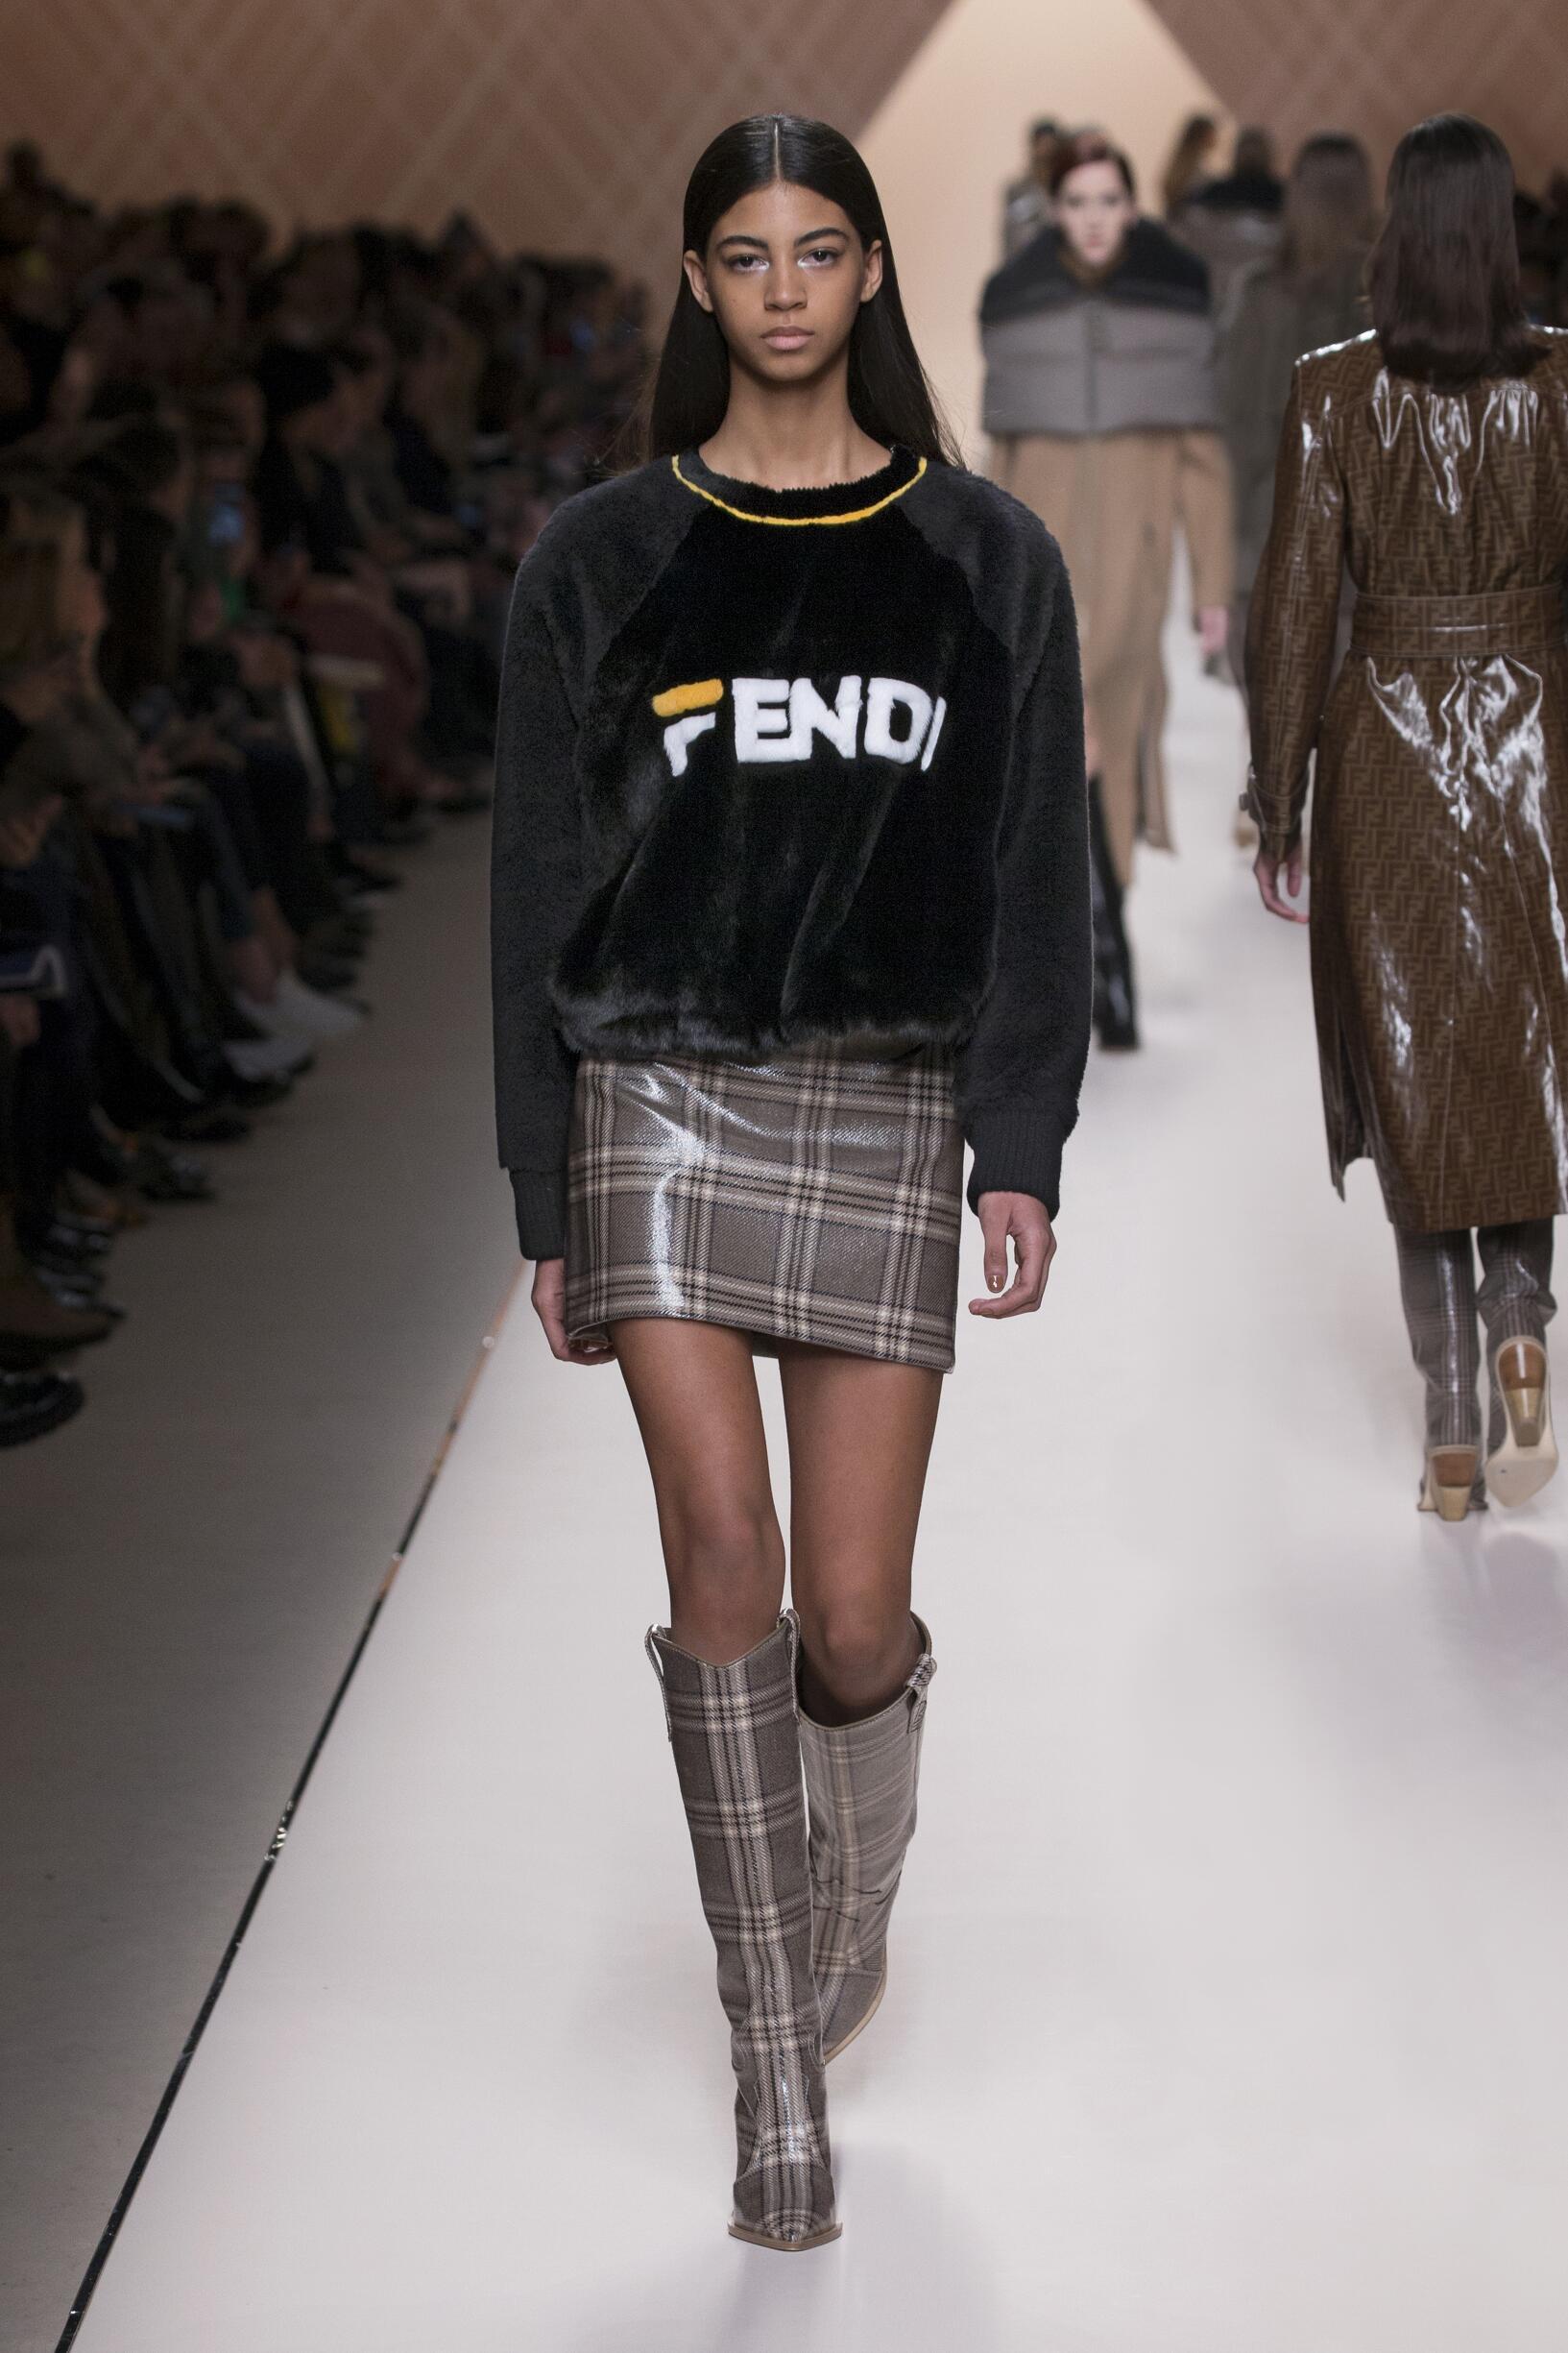 Winter 2018 Fashion Trends Fendi